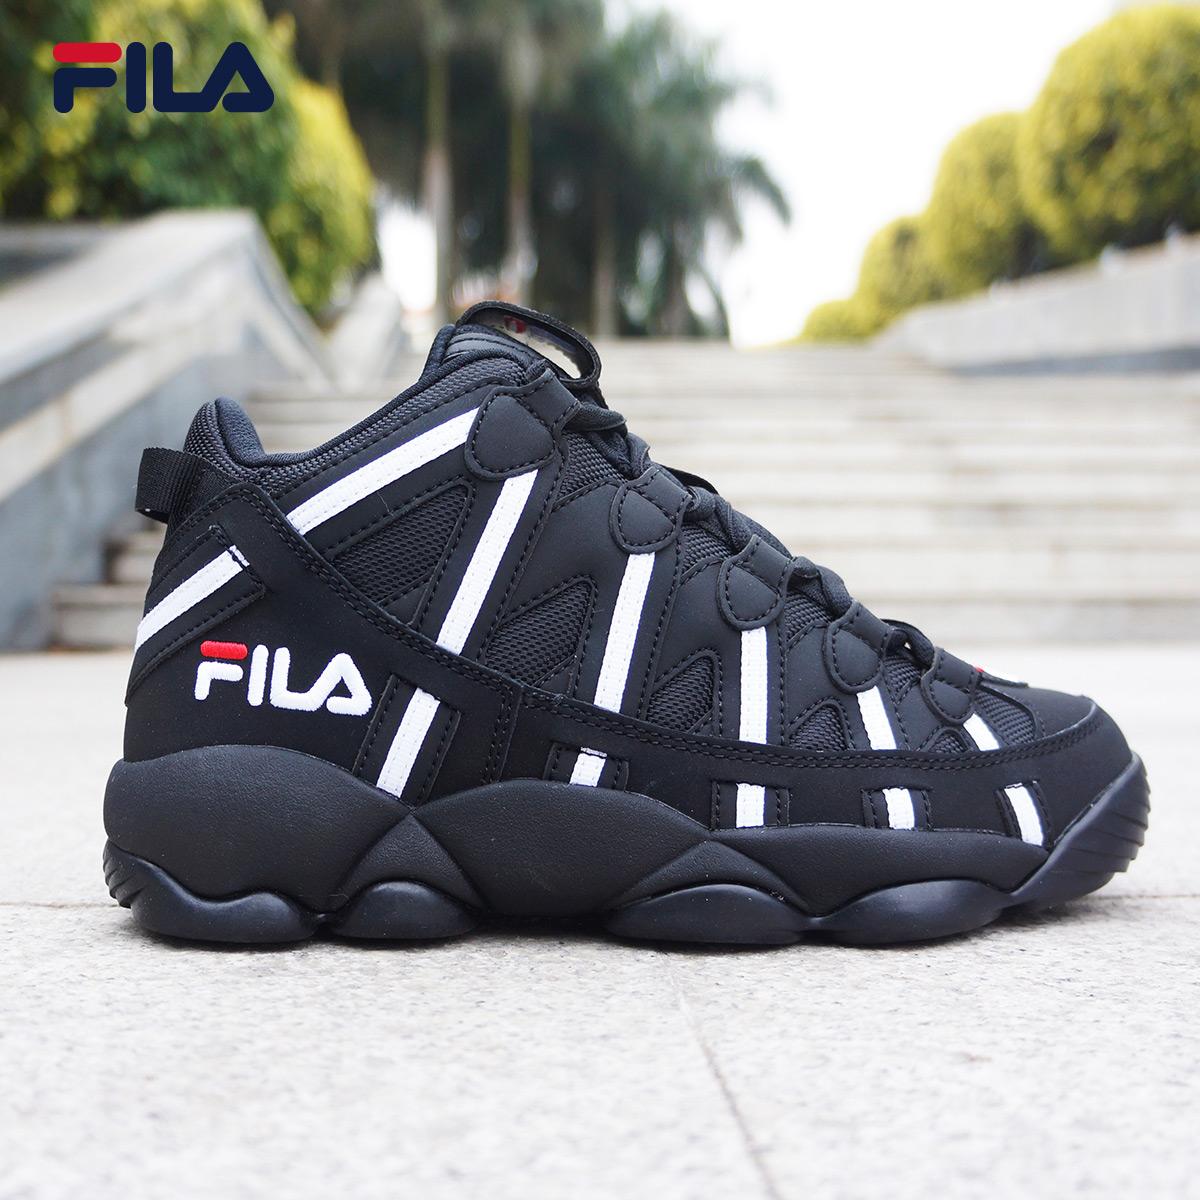 FILA斐乐BB鞋男运动鞋 篮球鞋 运动休闲鞋 经典潮搭明星球鞋